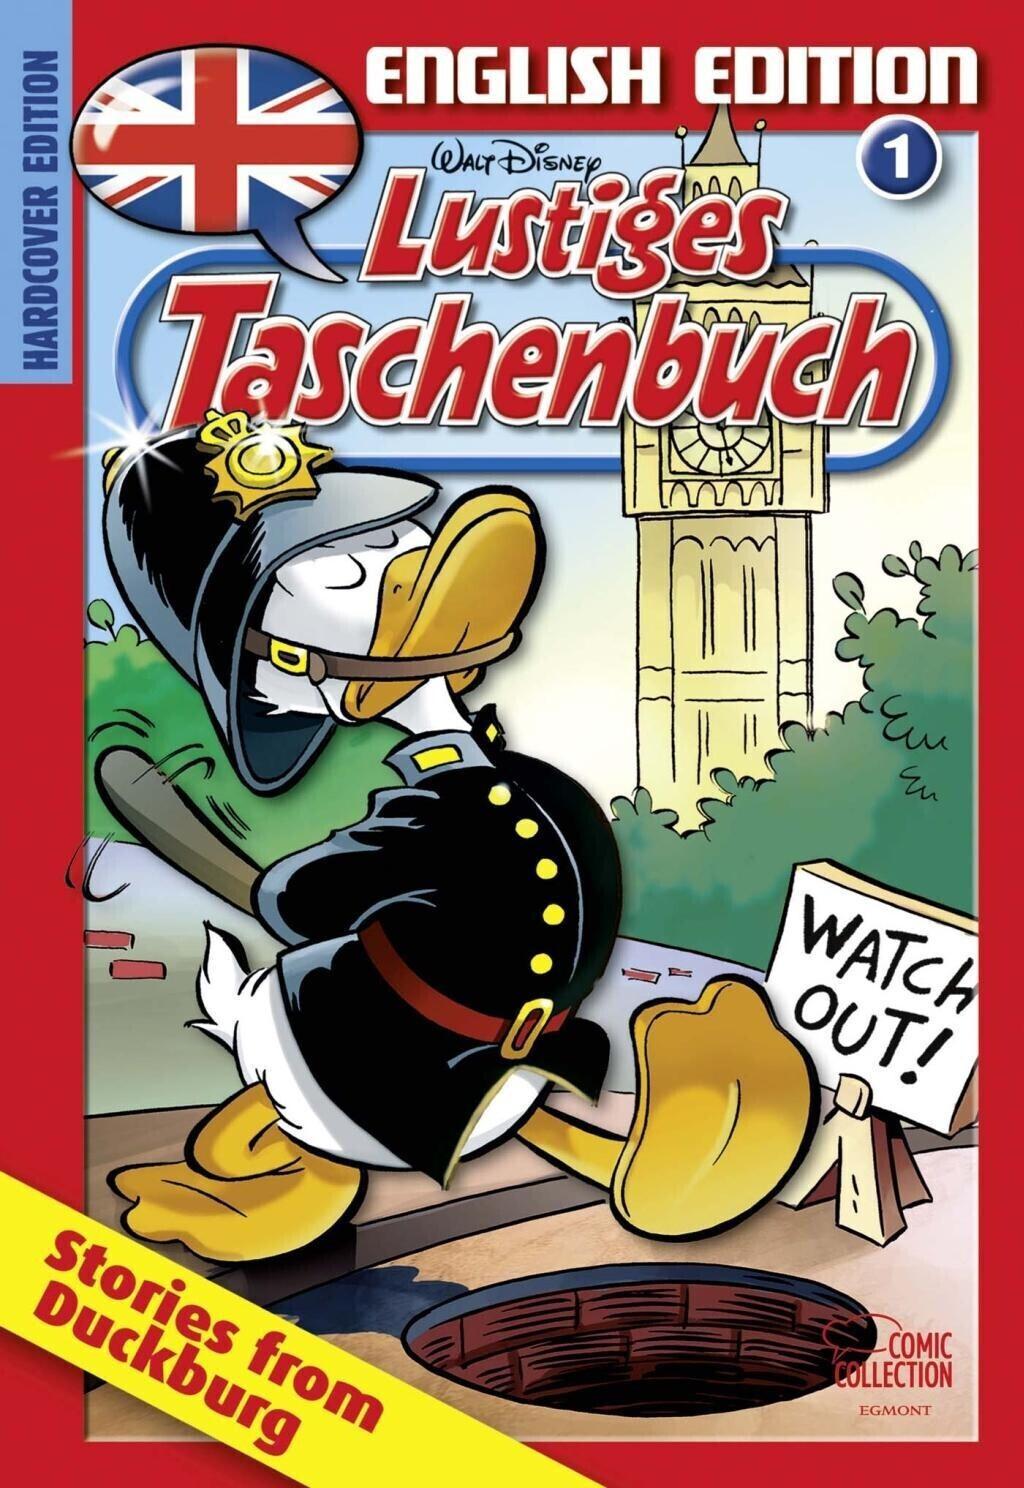 Image of Lustiges Taschenbuch English Edition 01 Stories from Duckburg (Walt Disney)